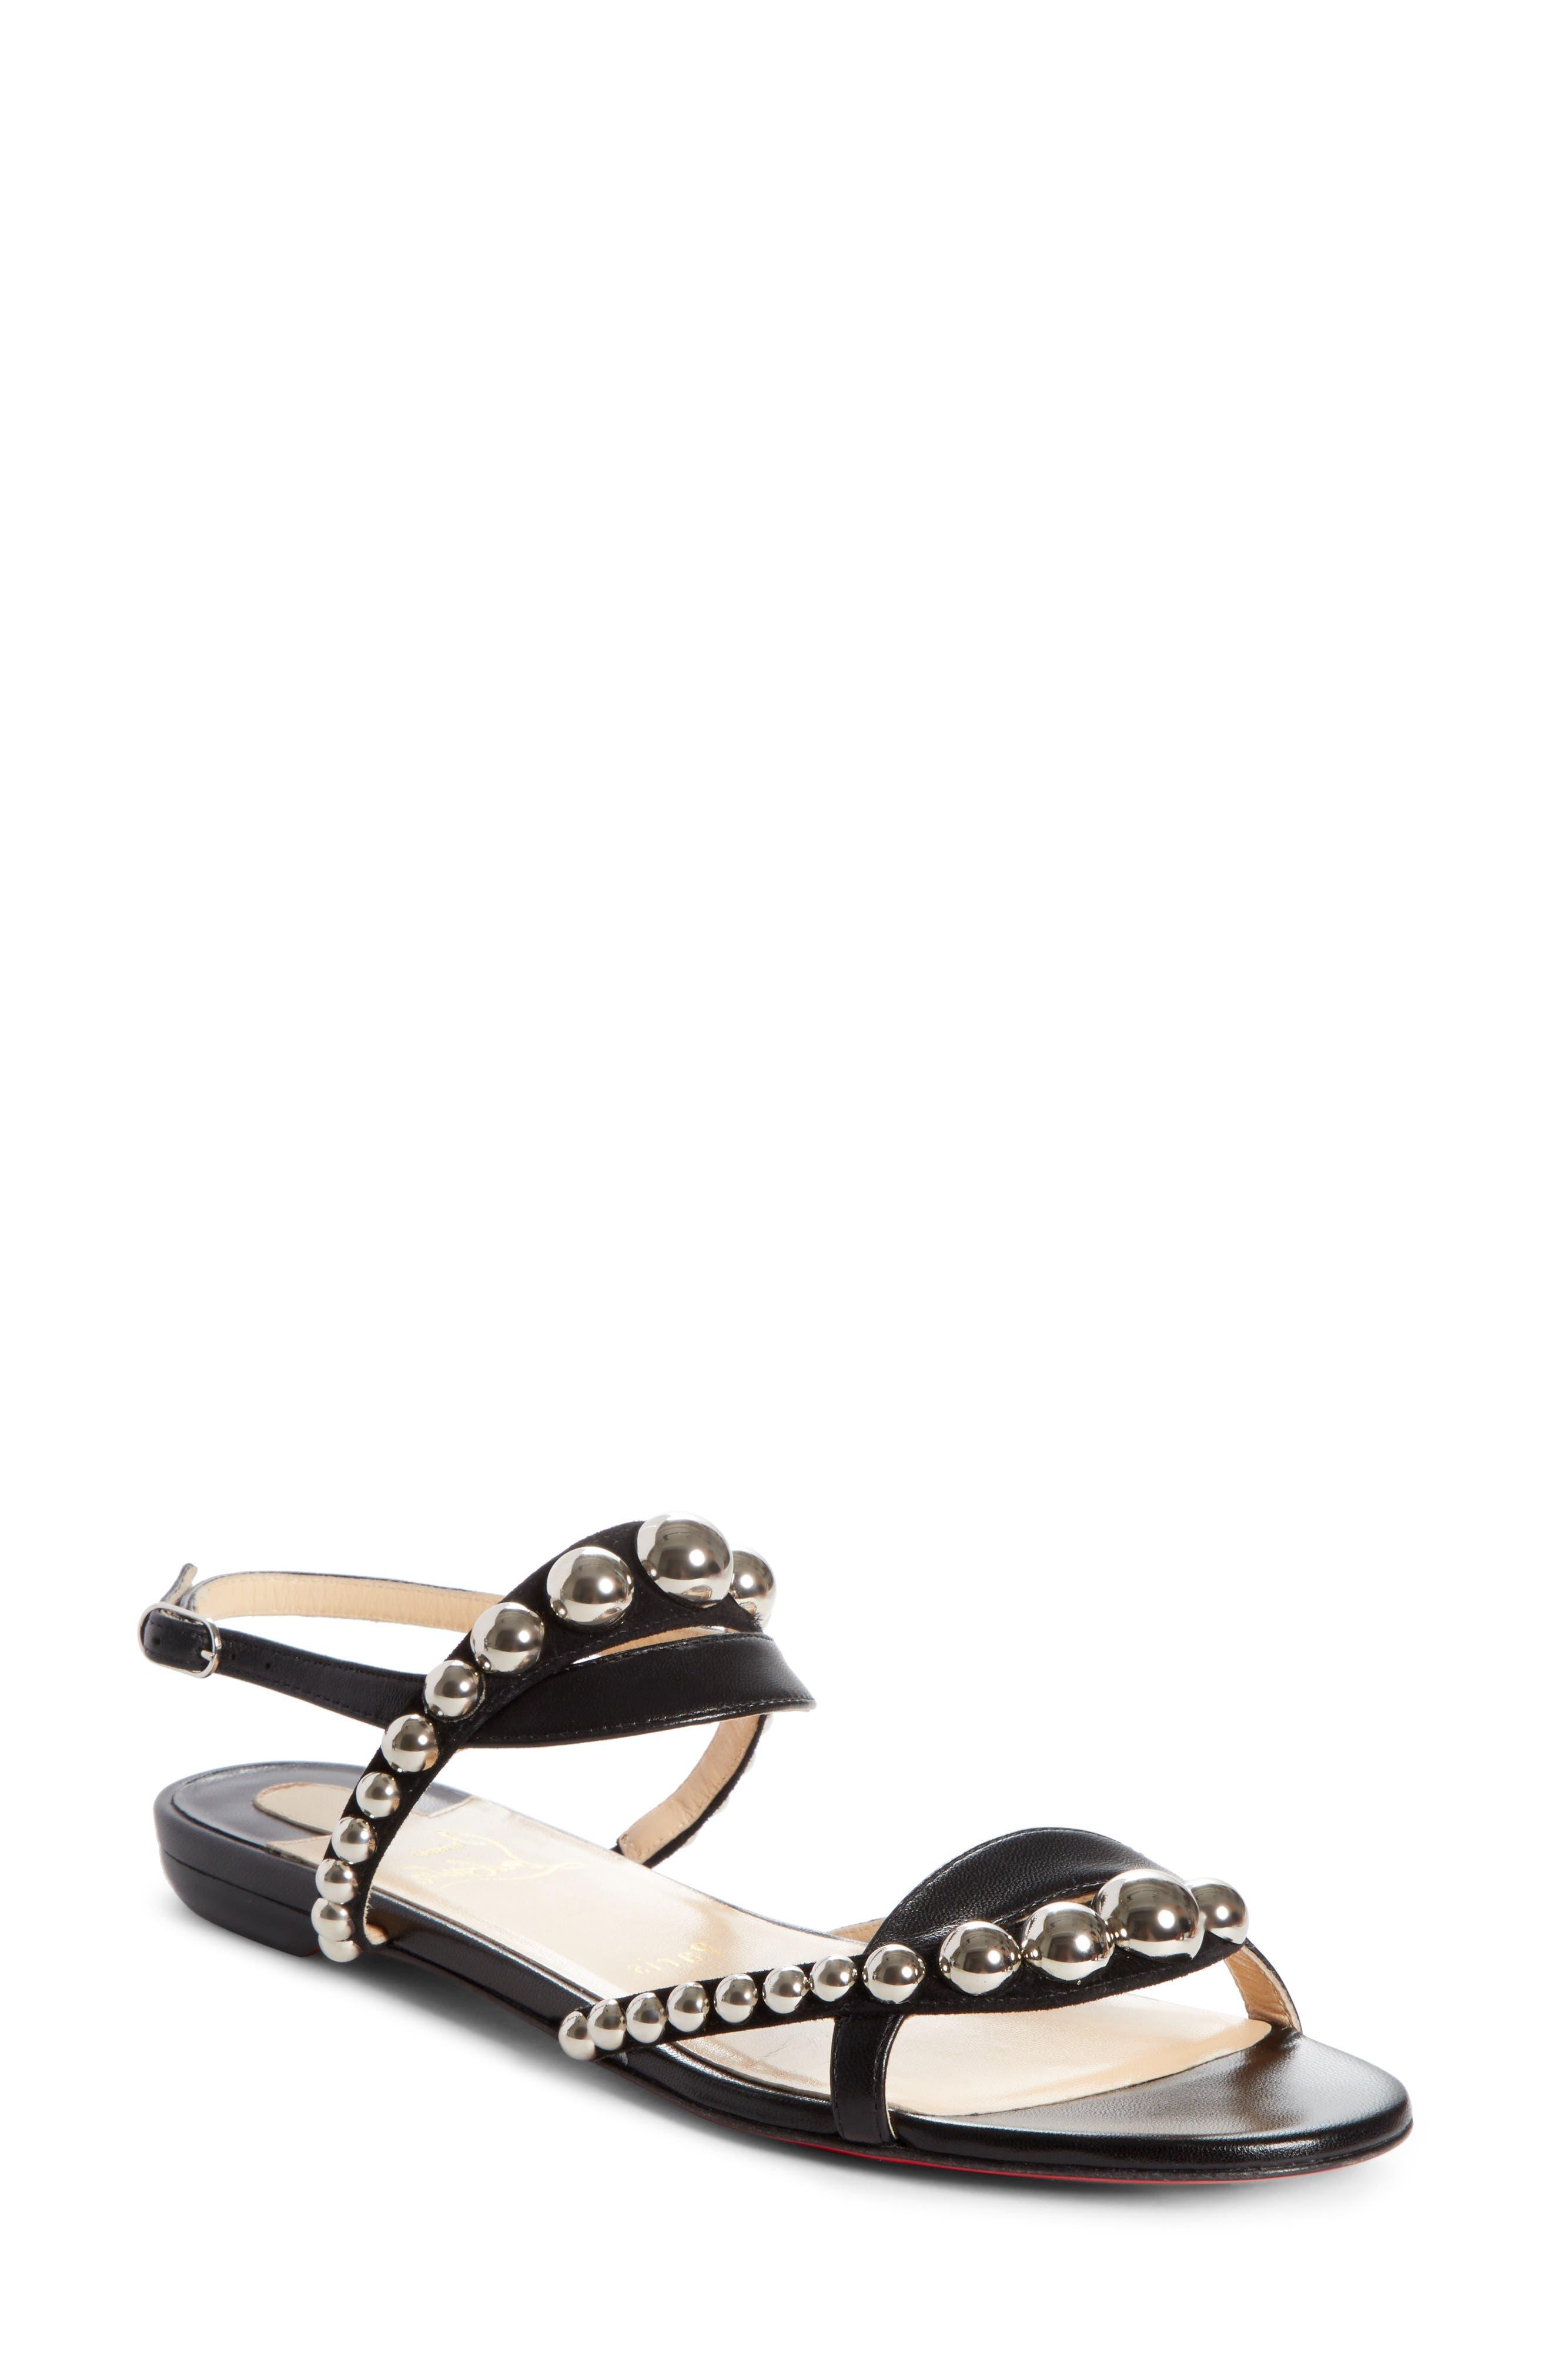 Christian Louboutin Women's Galeria Ornament Flat Sandal 9VHv0vpGhV